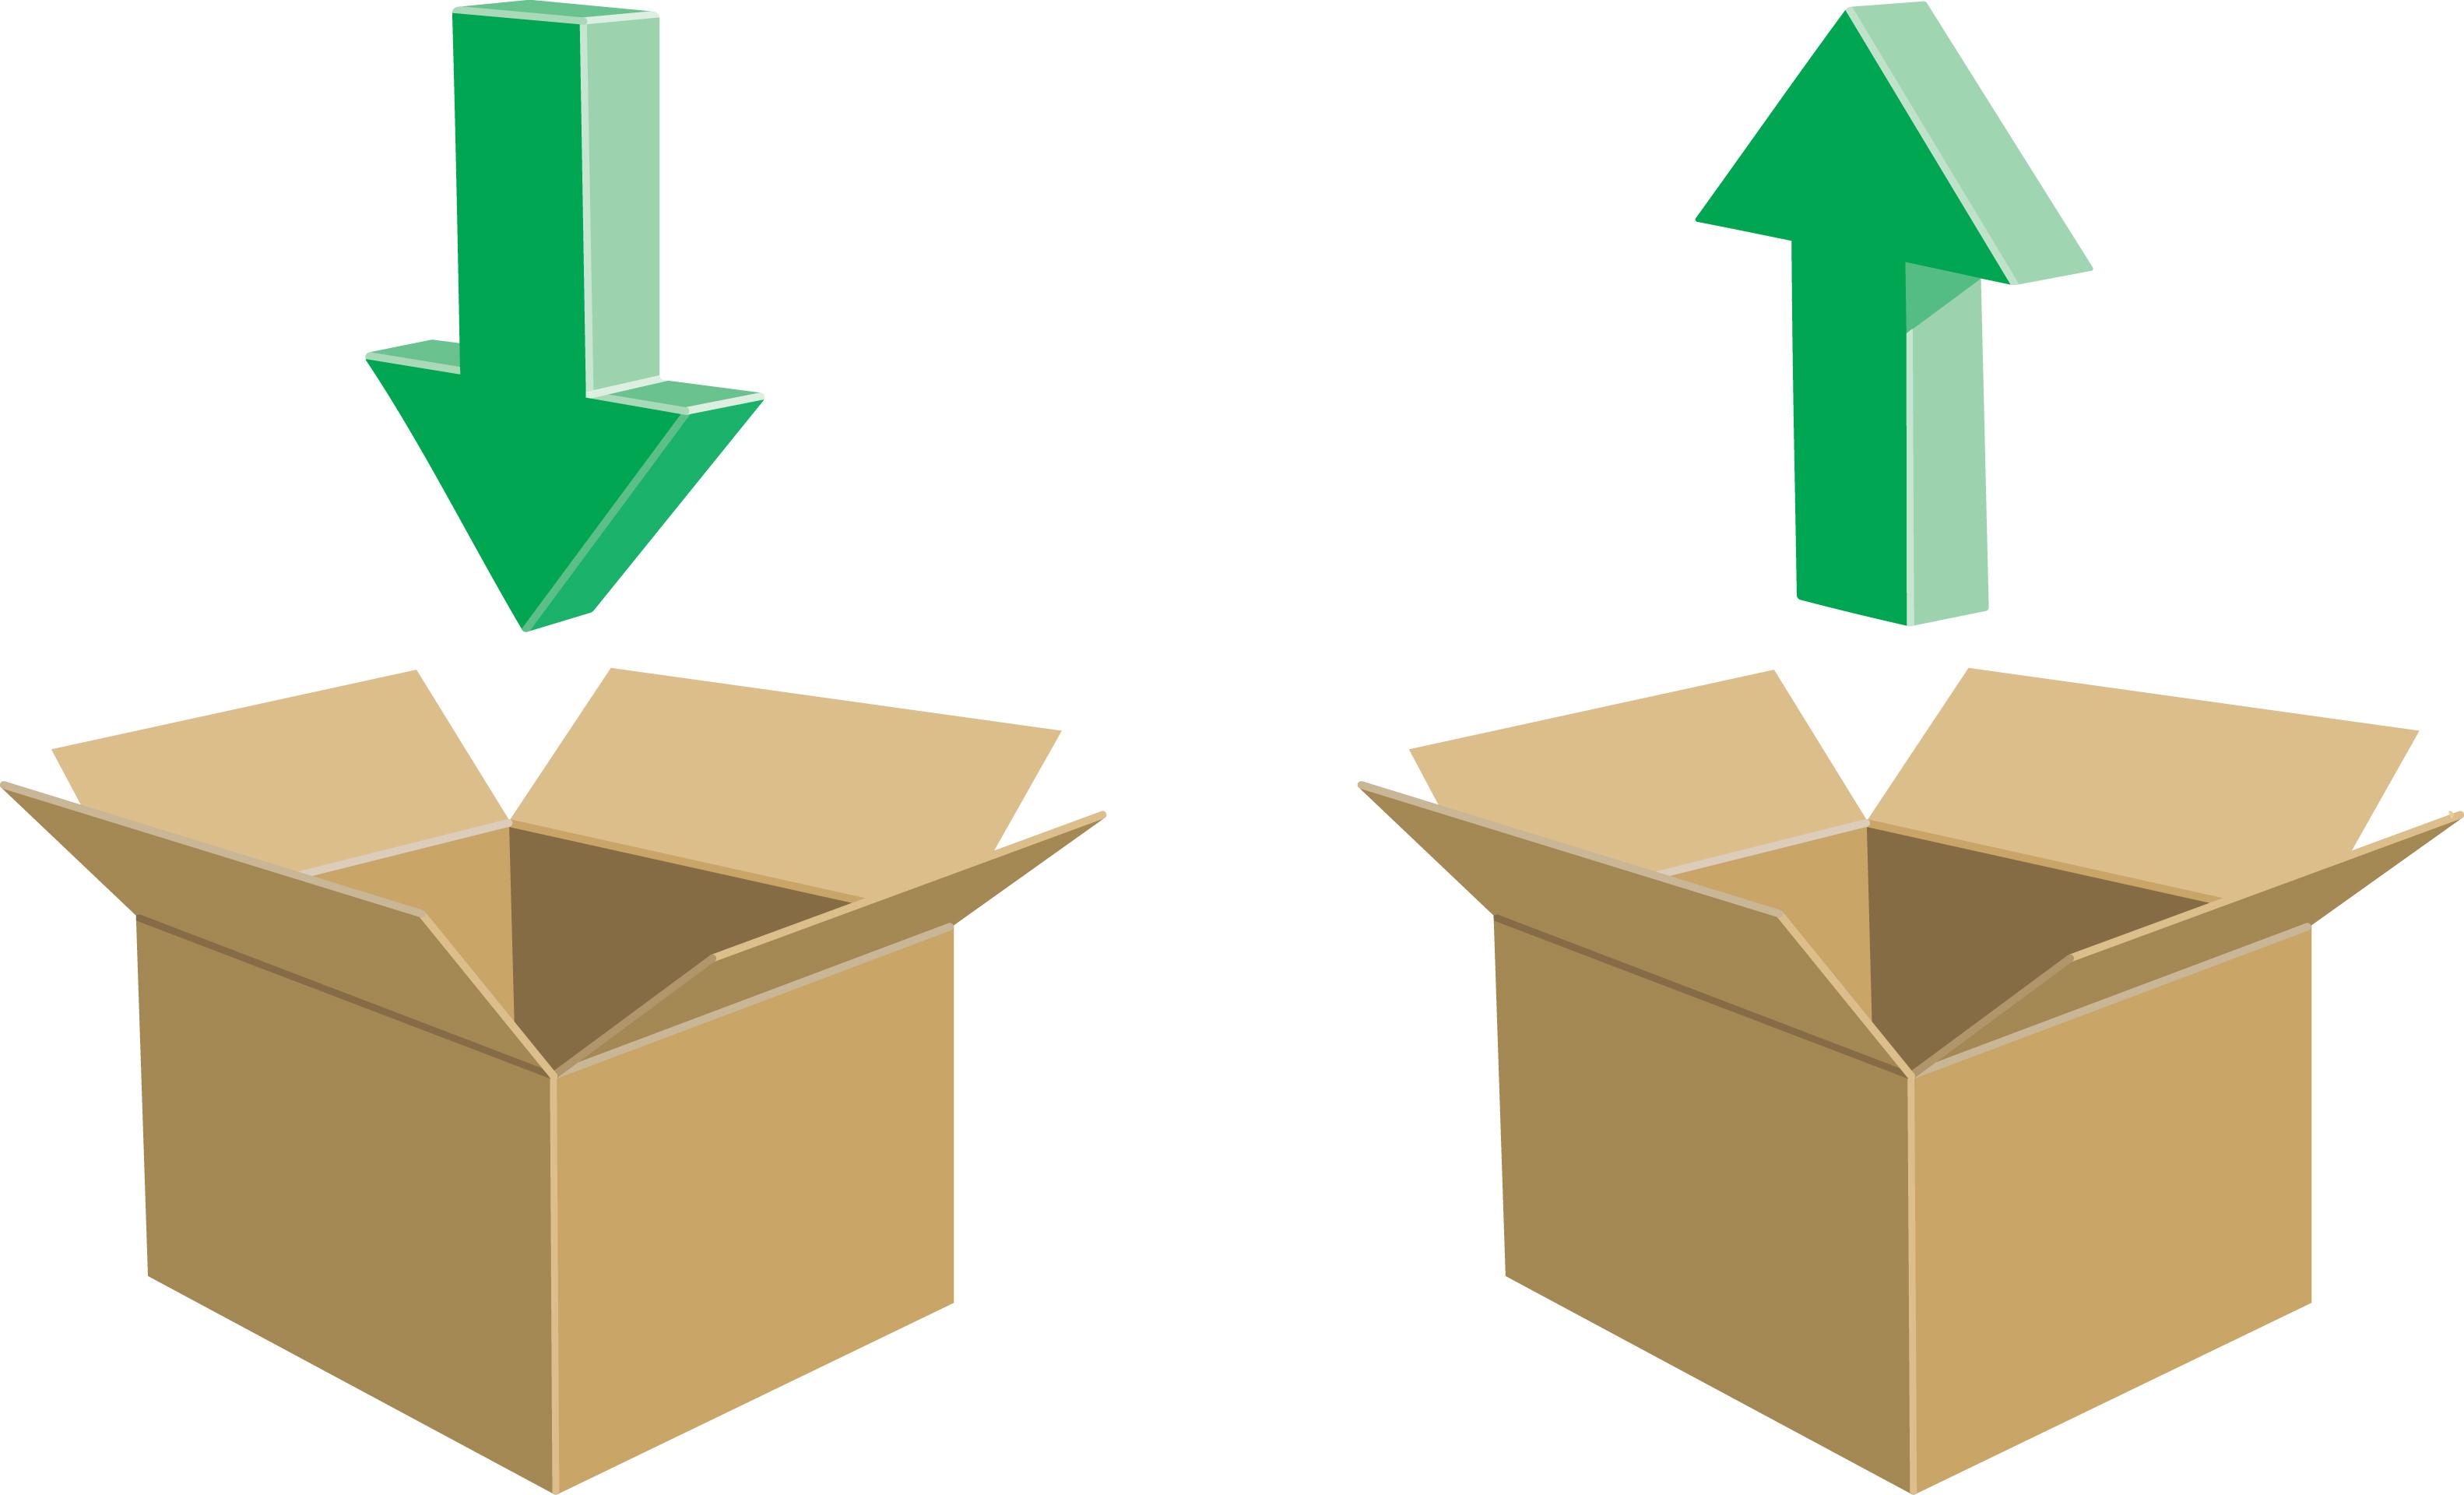 Embalagens e sustentabilidade – o que podemos esperar?